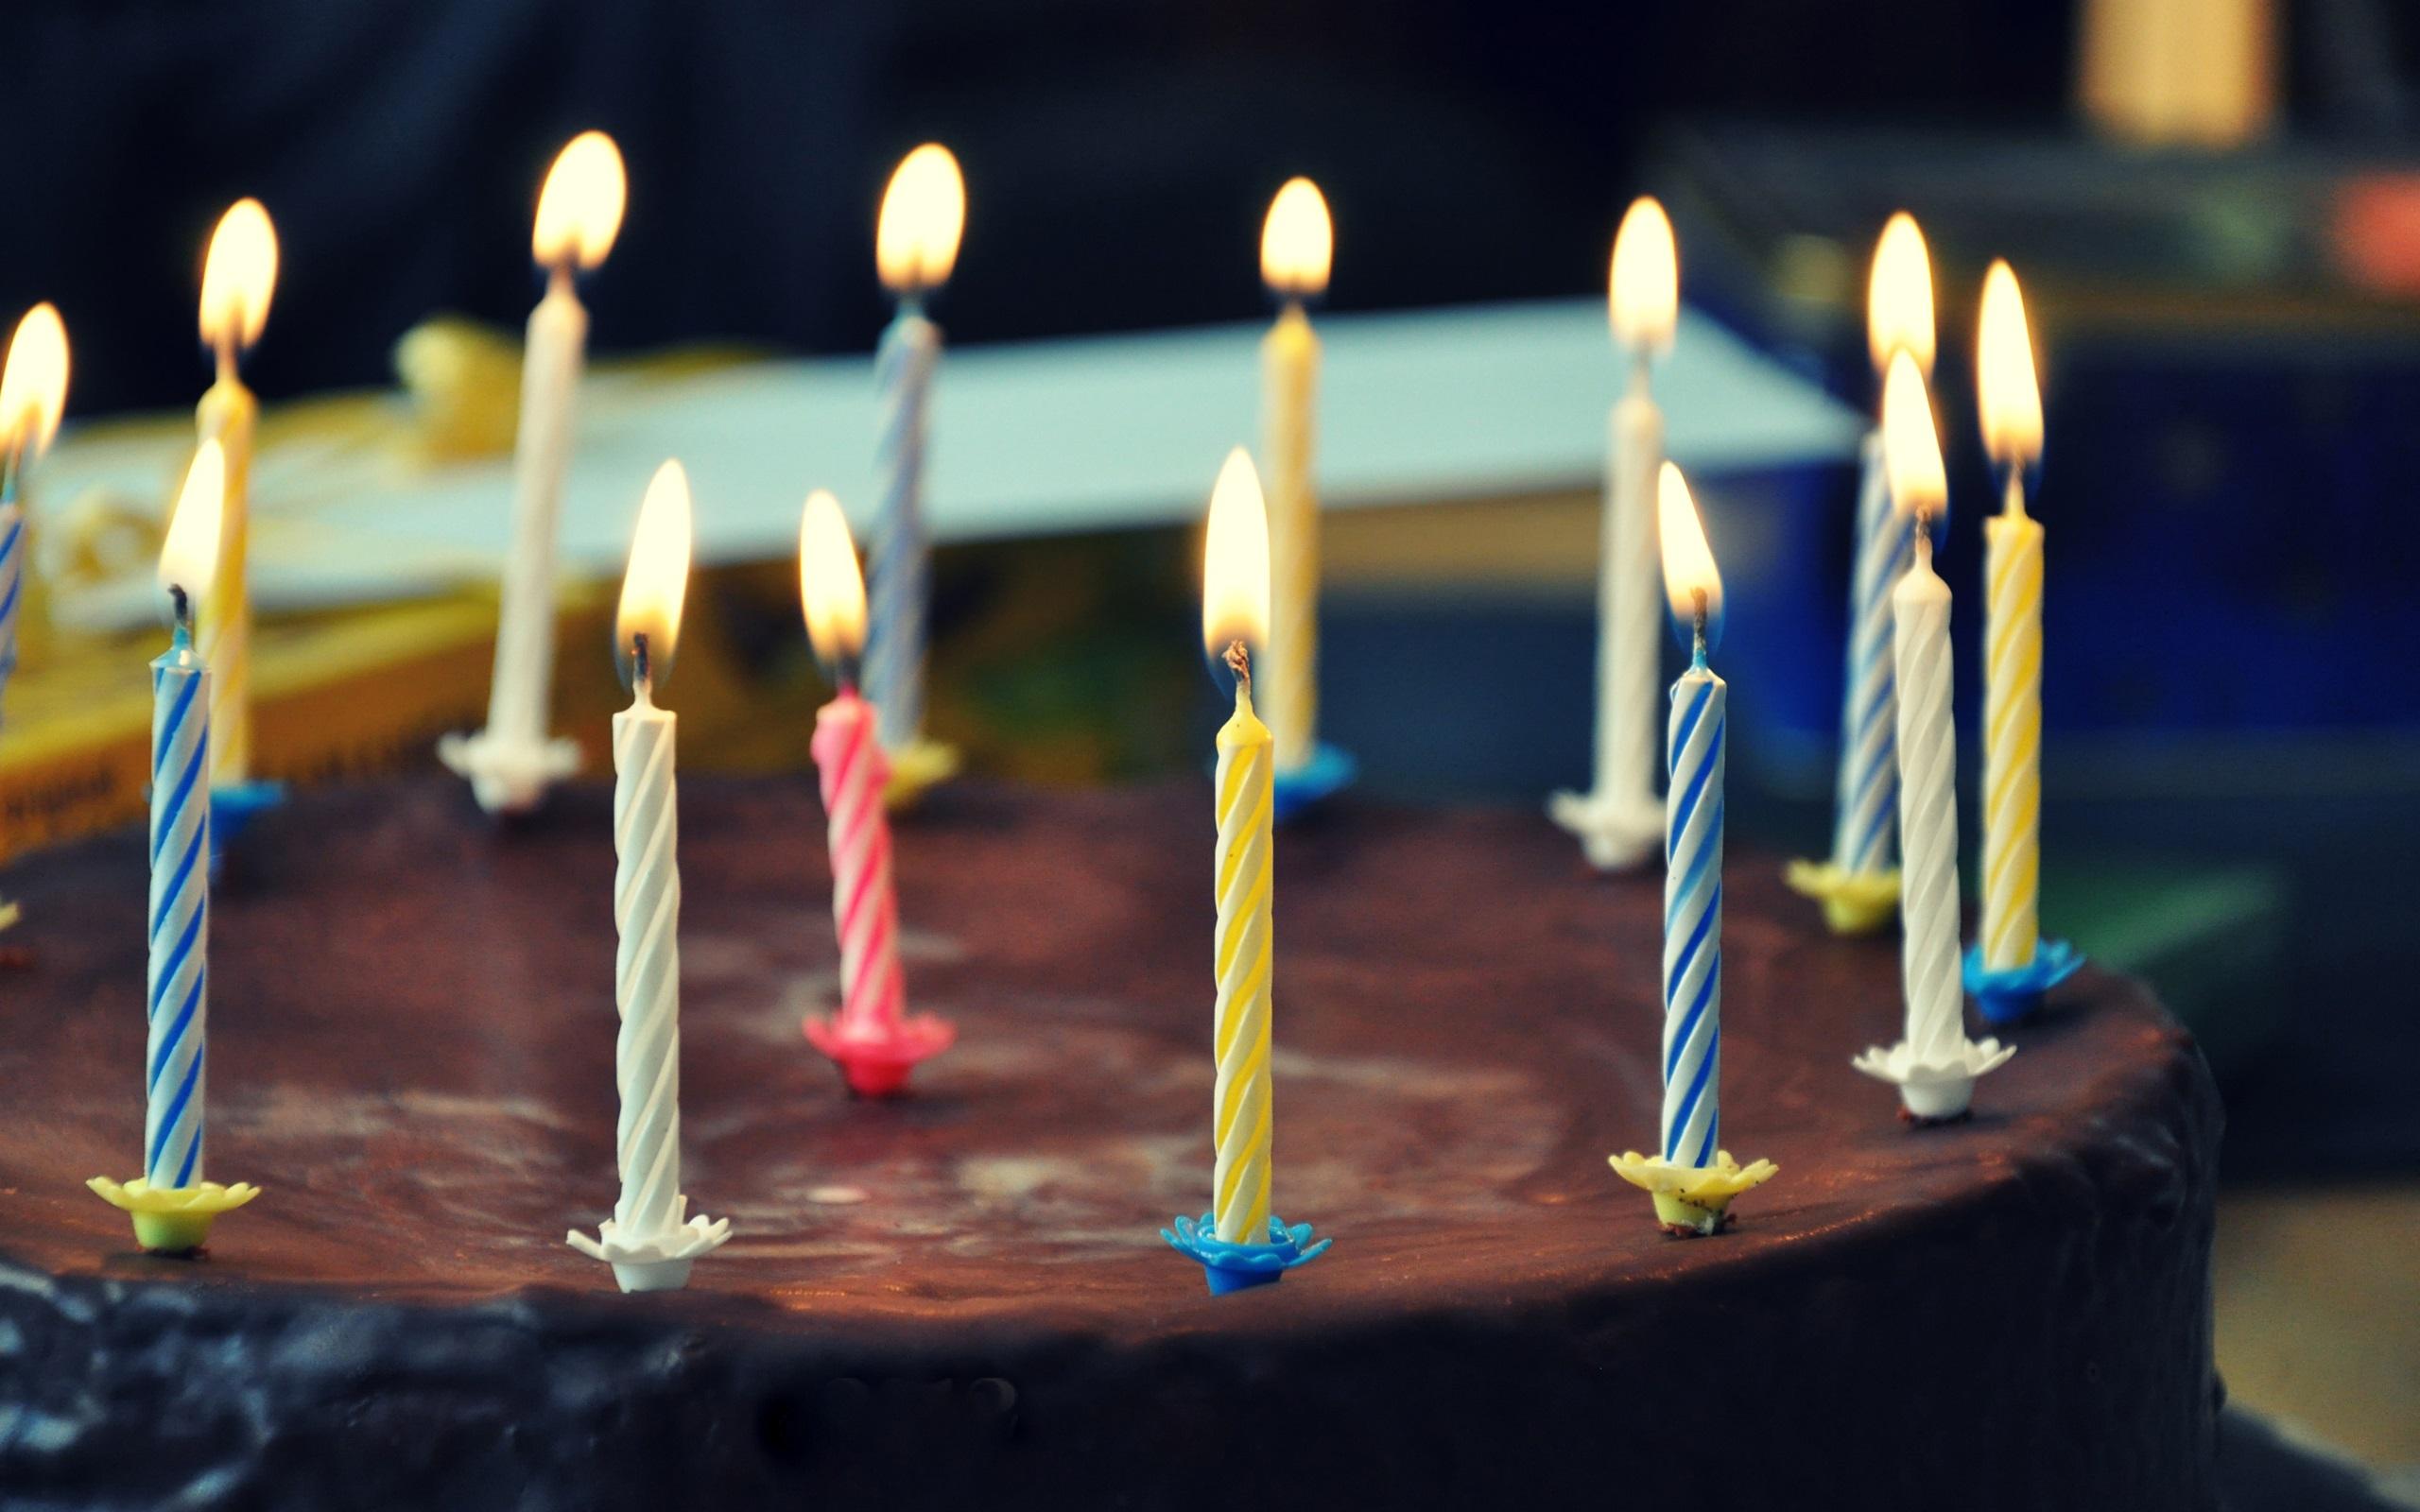 свечка на торте картинка зависимости назначения коврика